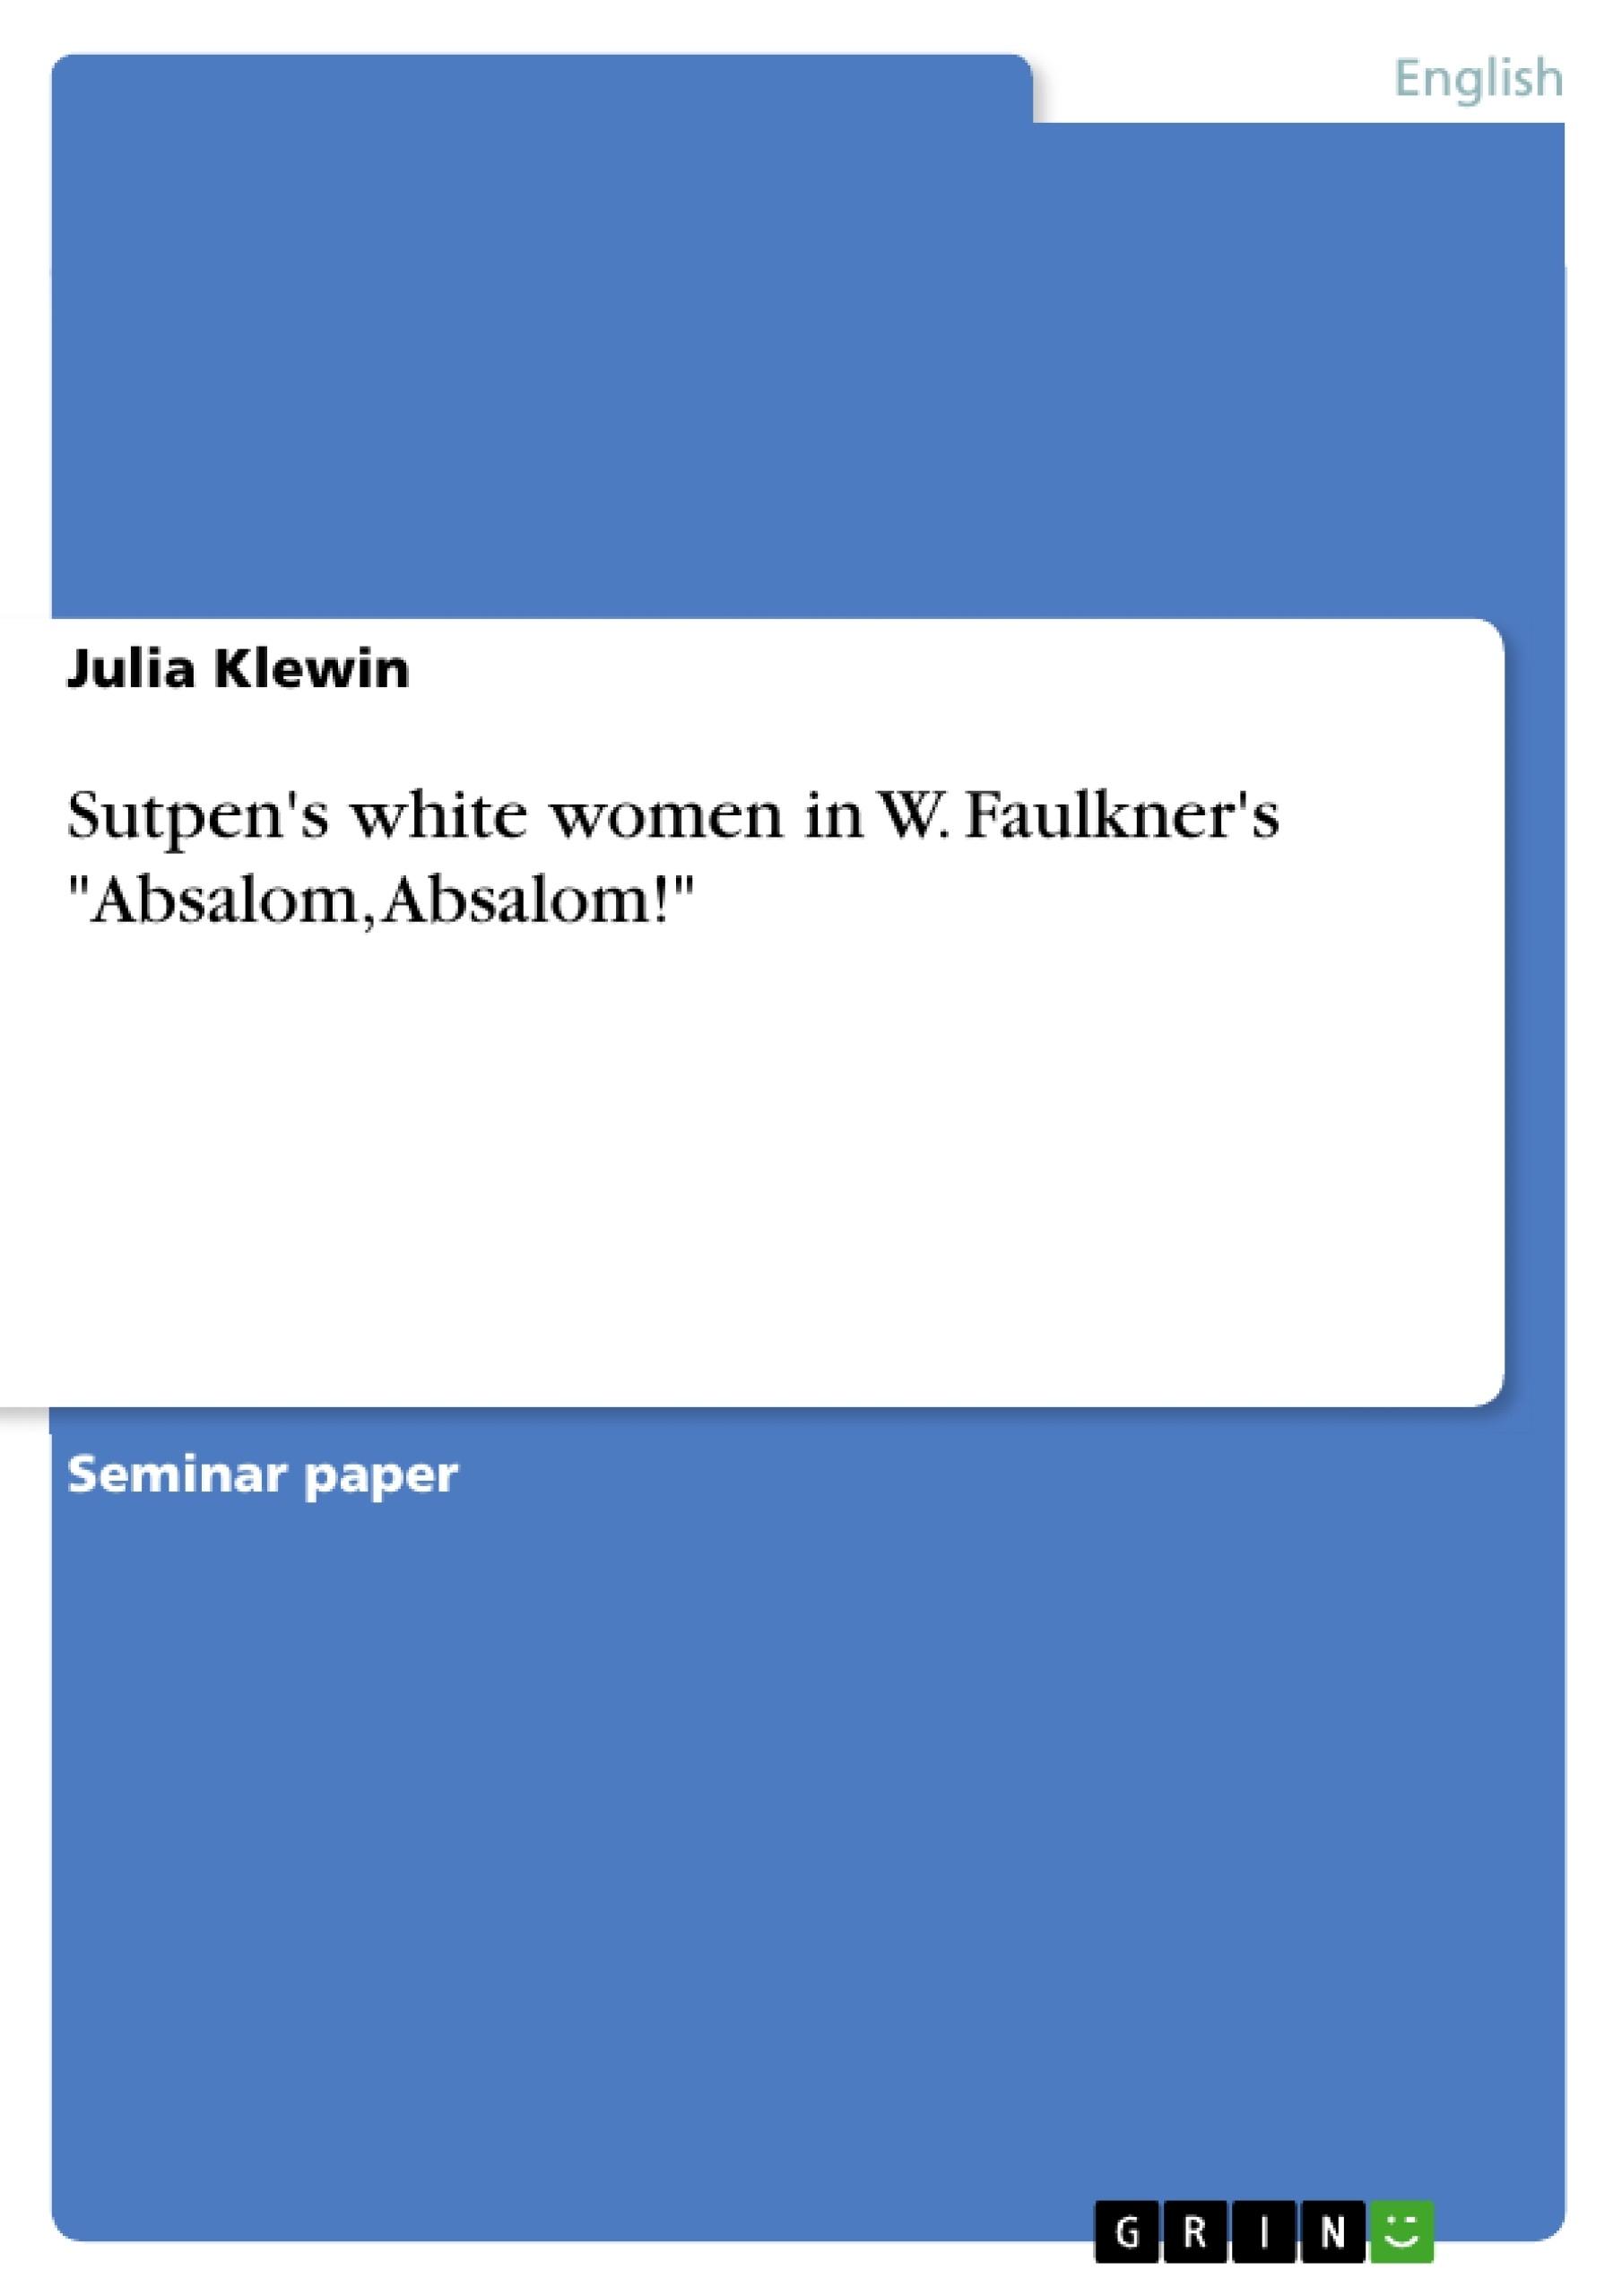 """Title: Sutpen's white women in W. Faulkner's """"Absalom, Absalom!"""""""